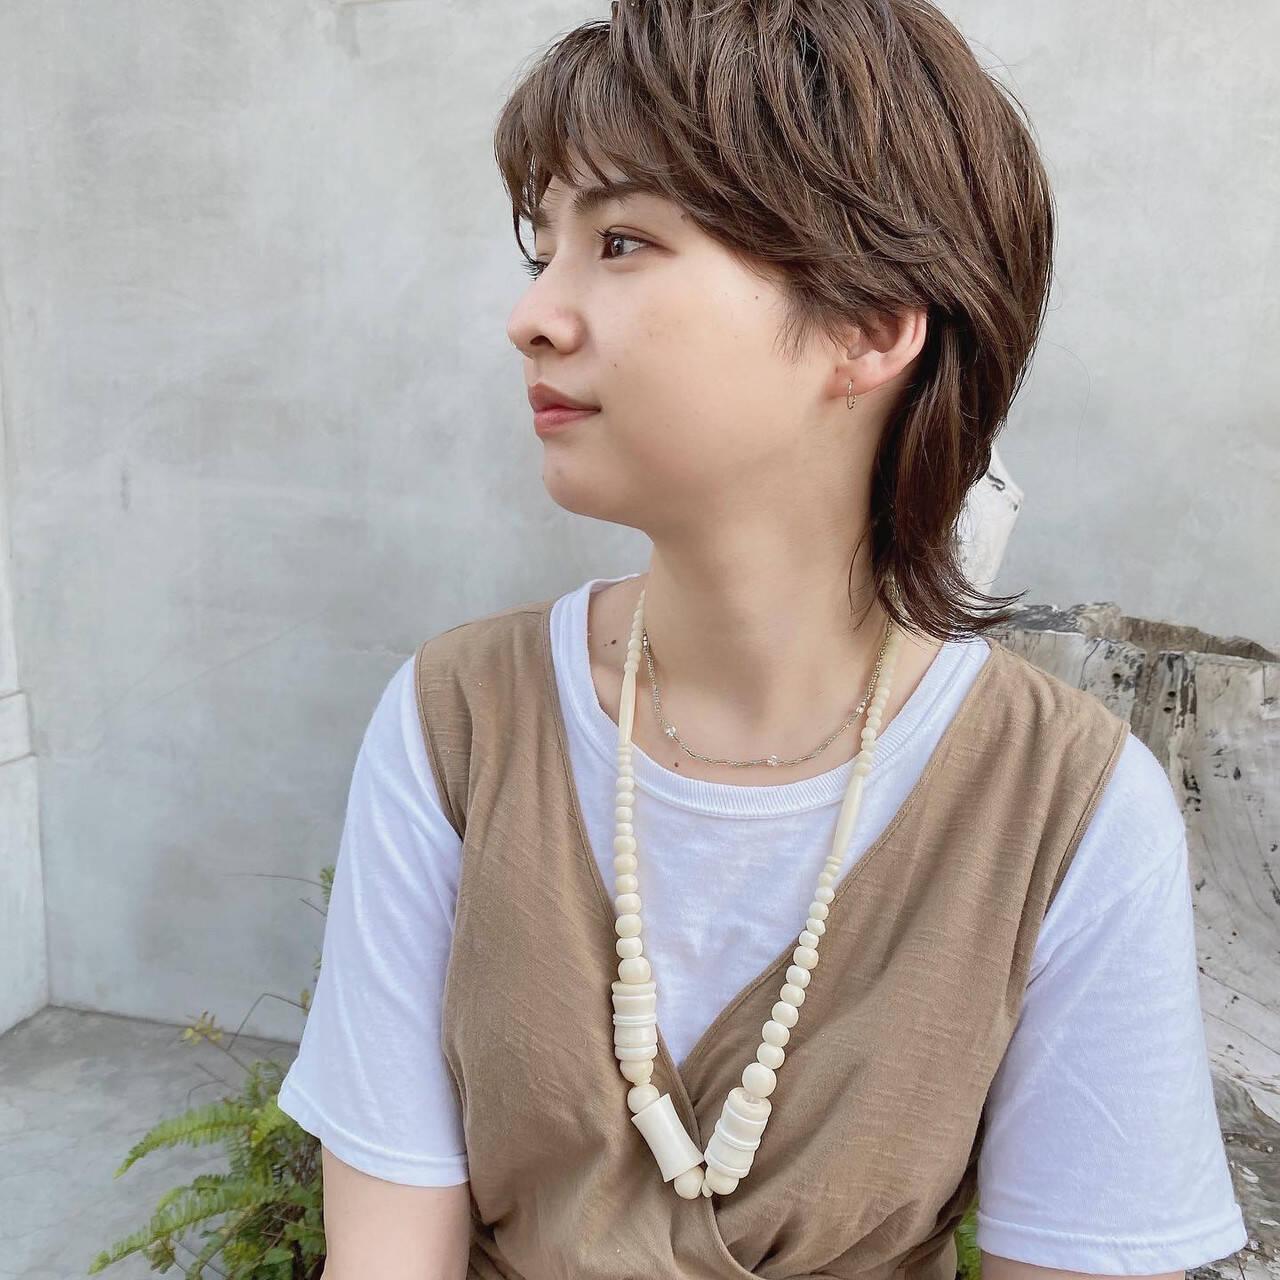 ショートヘア ストリート ショコラブラウン ウルフ女子ヘアスタイルや髪型の写真・画像